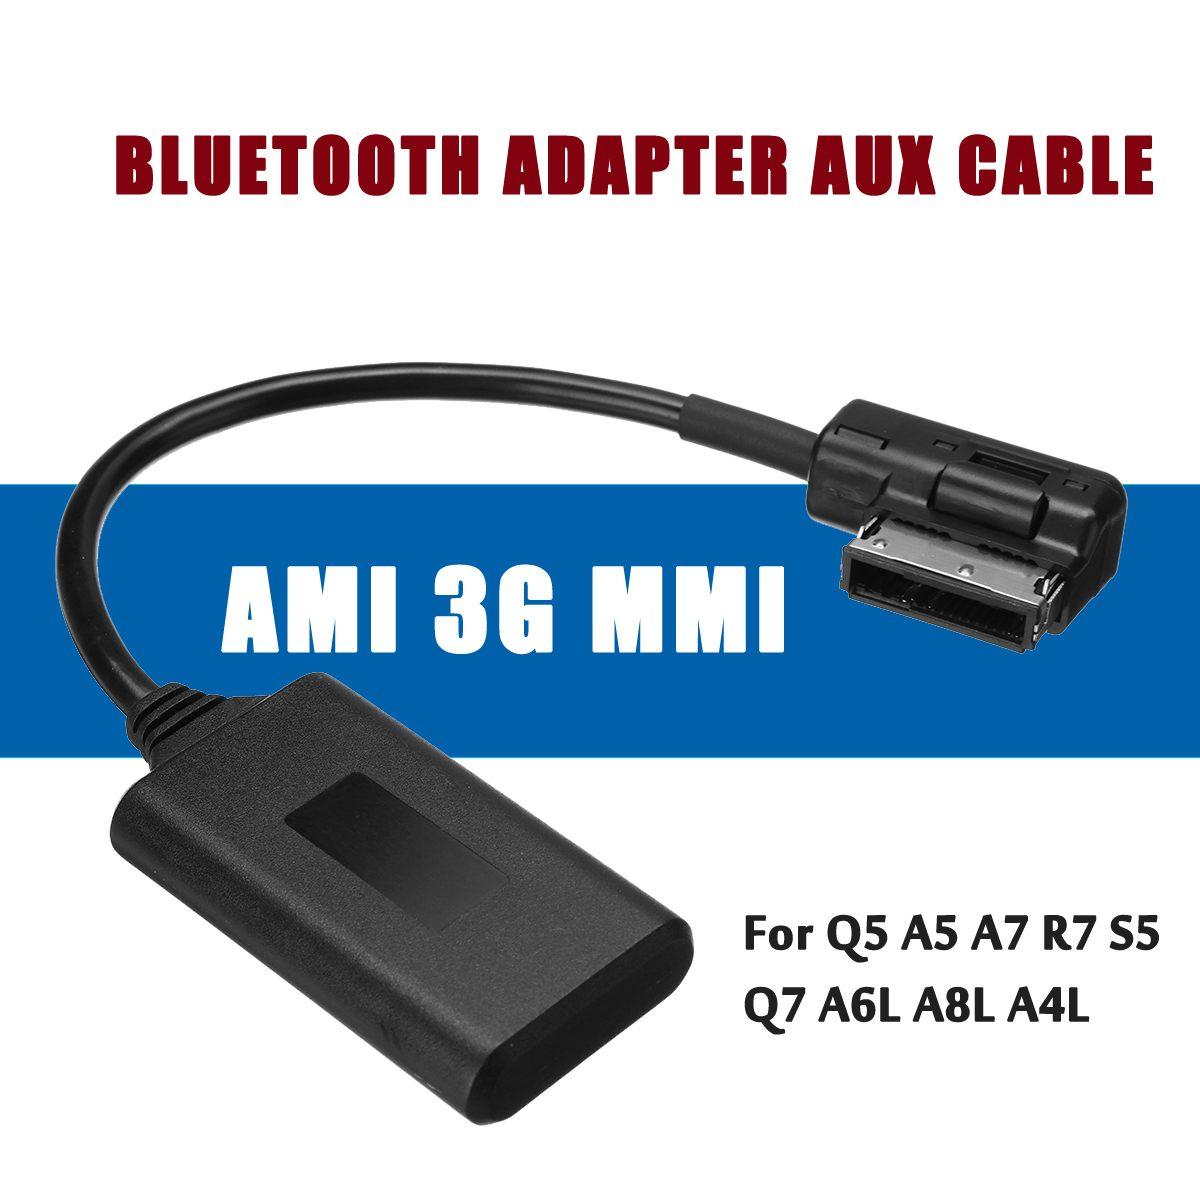 Ami mmi bluetooth moduladapter aux cabo de entrada áudio sem fio aux interface mídia rádio para audi q5 a5 a7 r7 s5 q7 a6l a8l a4l